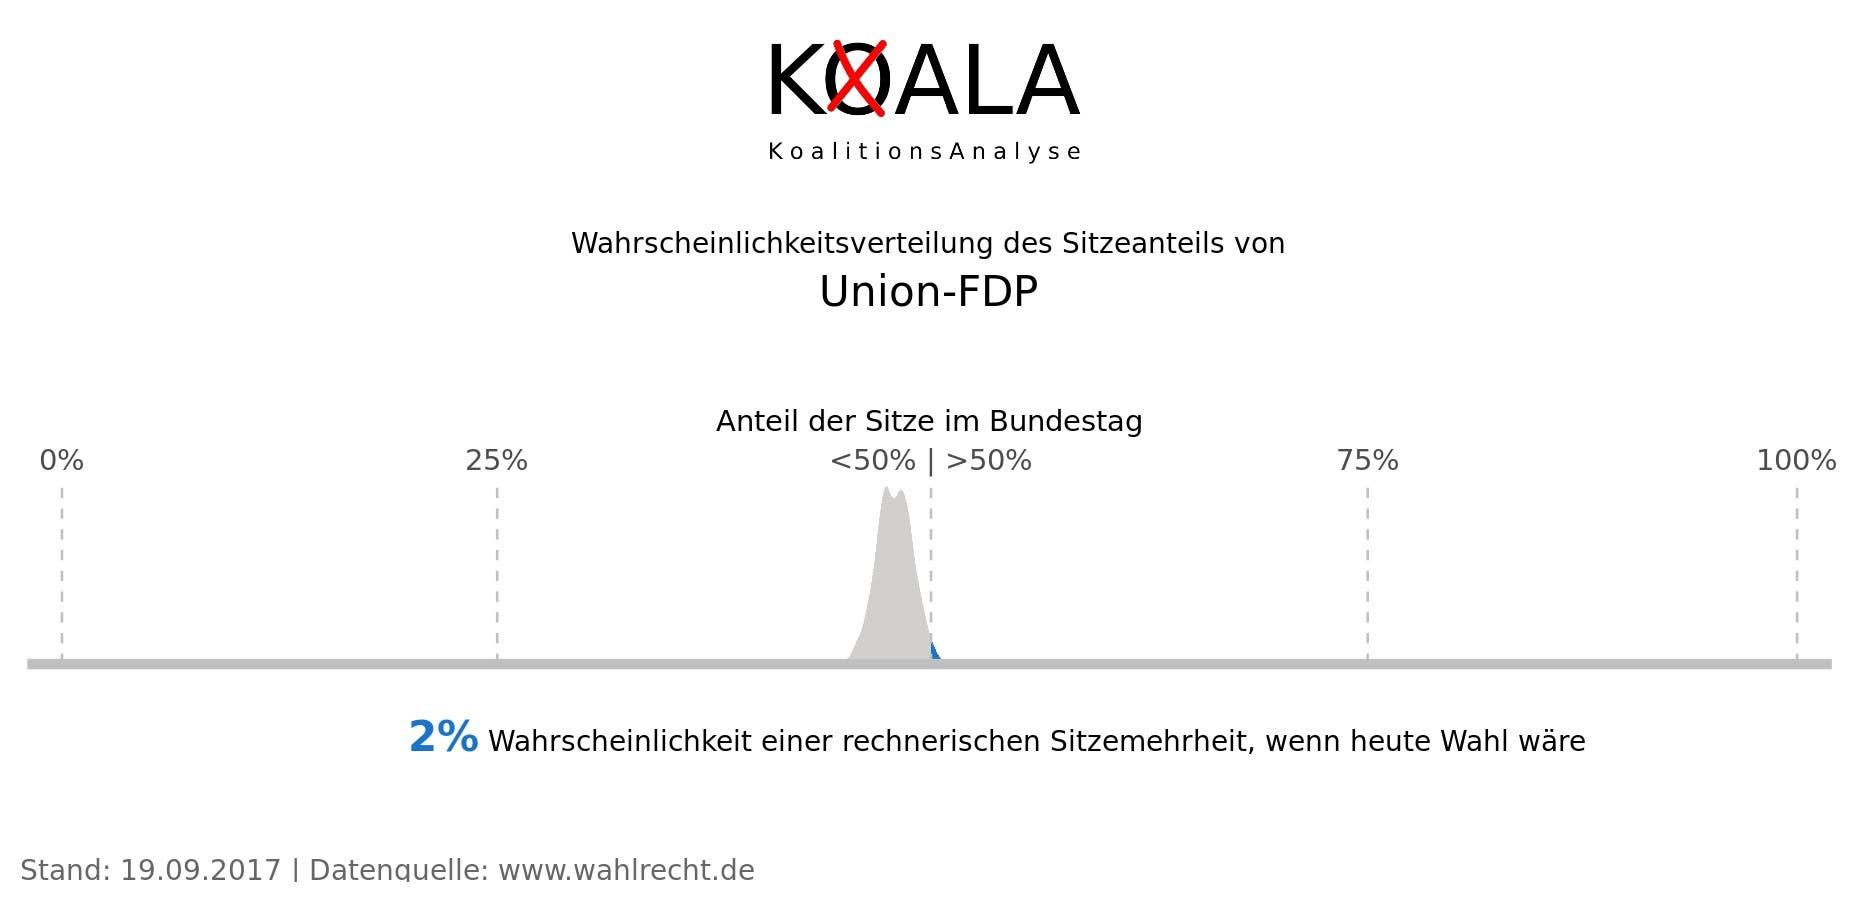 Die Verteilung der Wahrscheinlichkeit für eine schwarz-gelbe Koalition gemäß Umfragedaten vom 19.9.2017